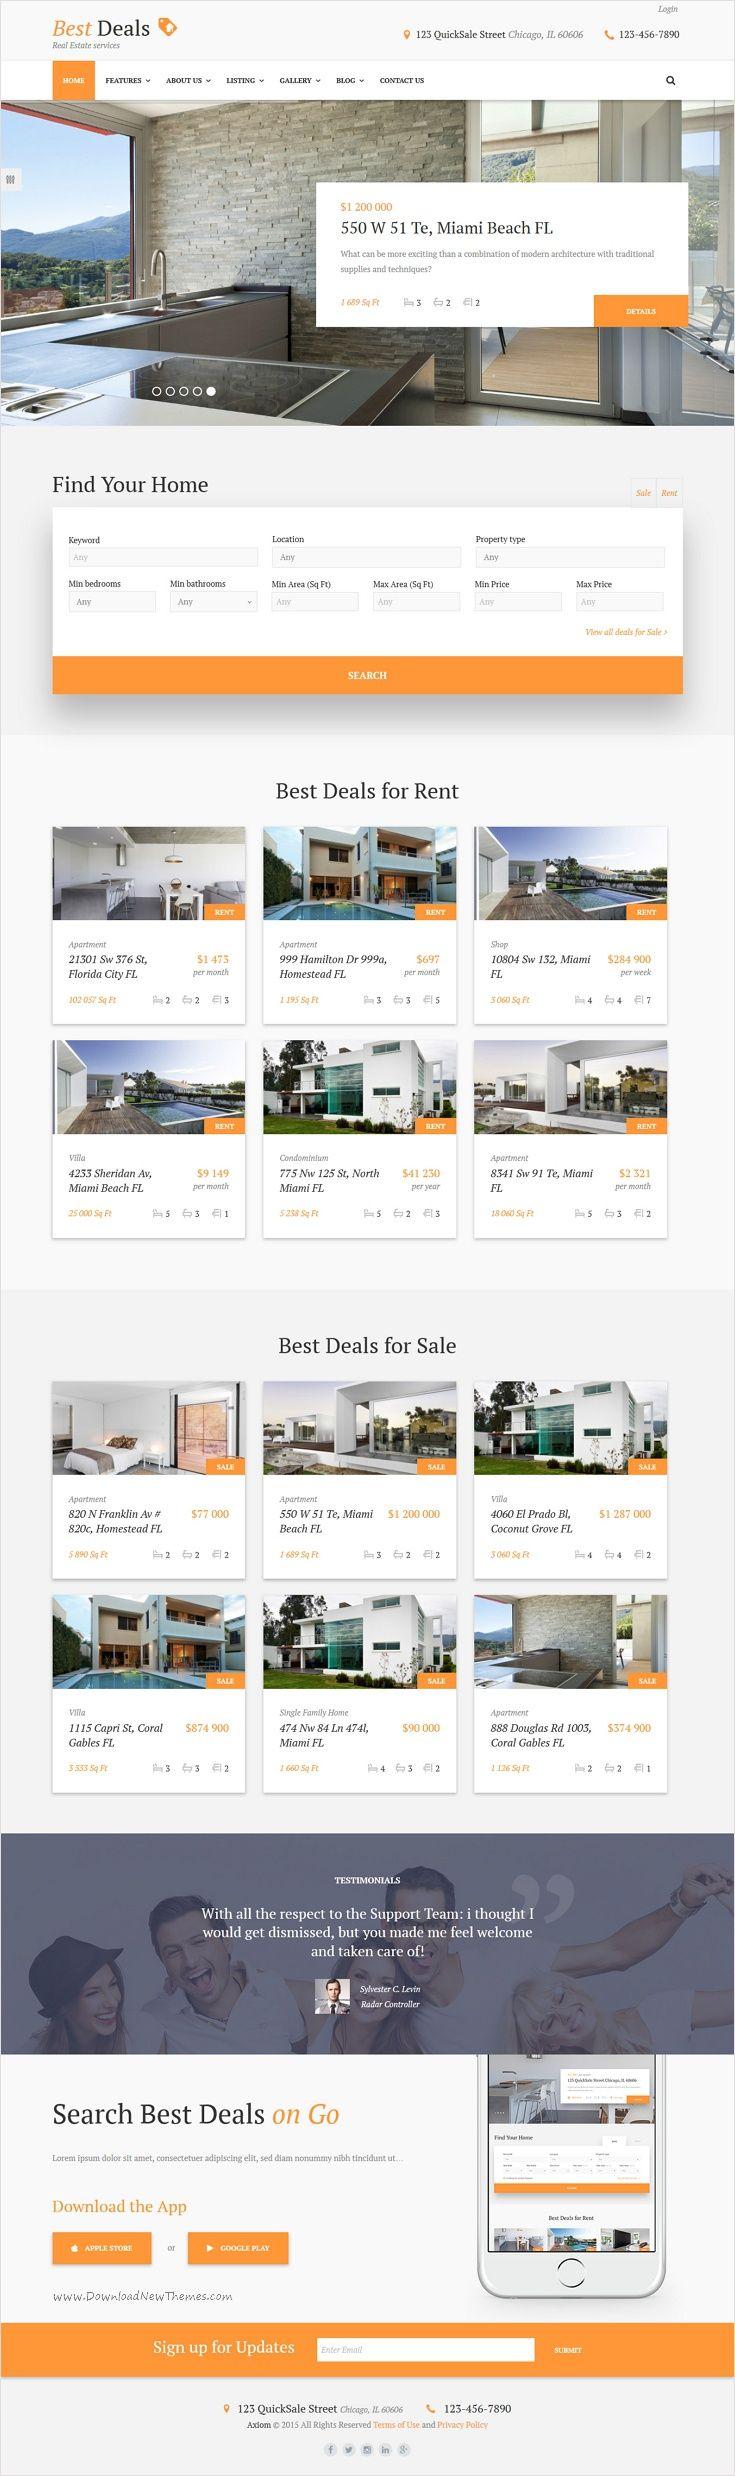 Пример баннера, поискового фильтра, списка всех бизнес-центров и популярных помещений.